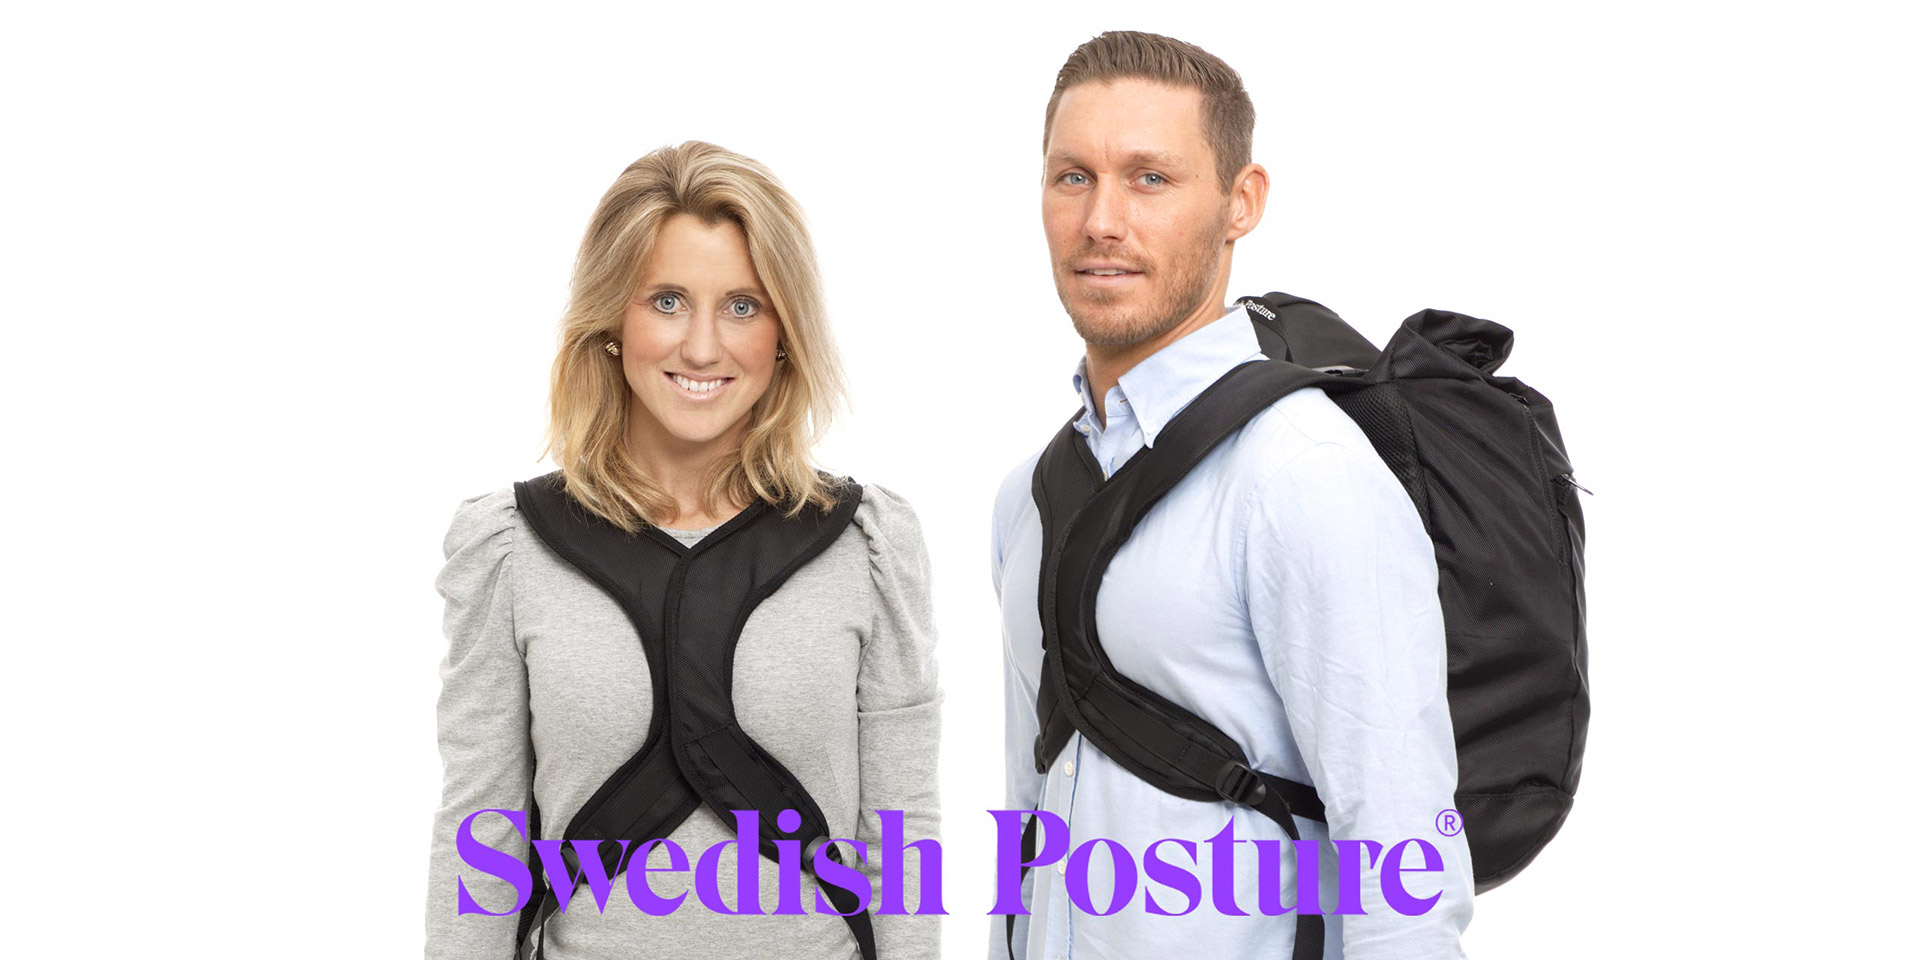 Swedish-Posture